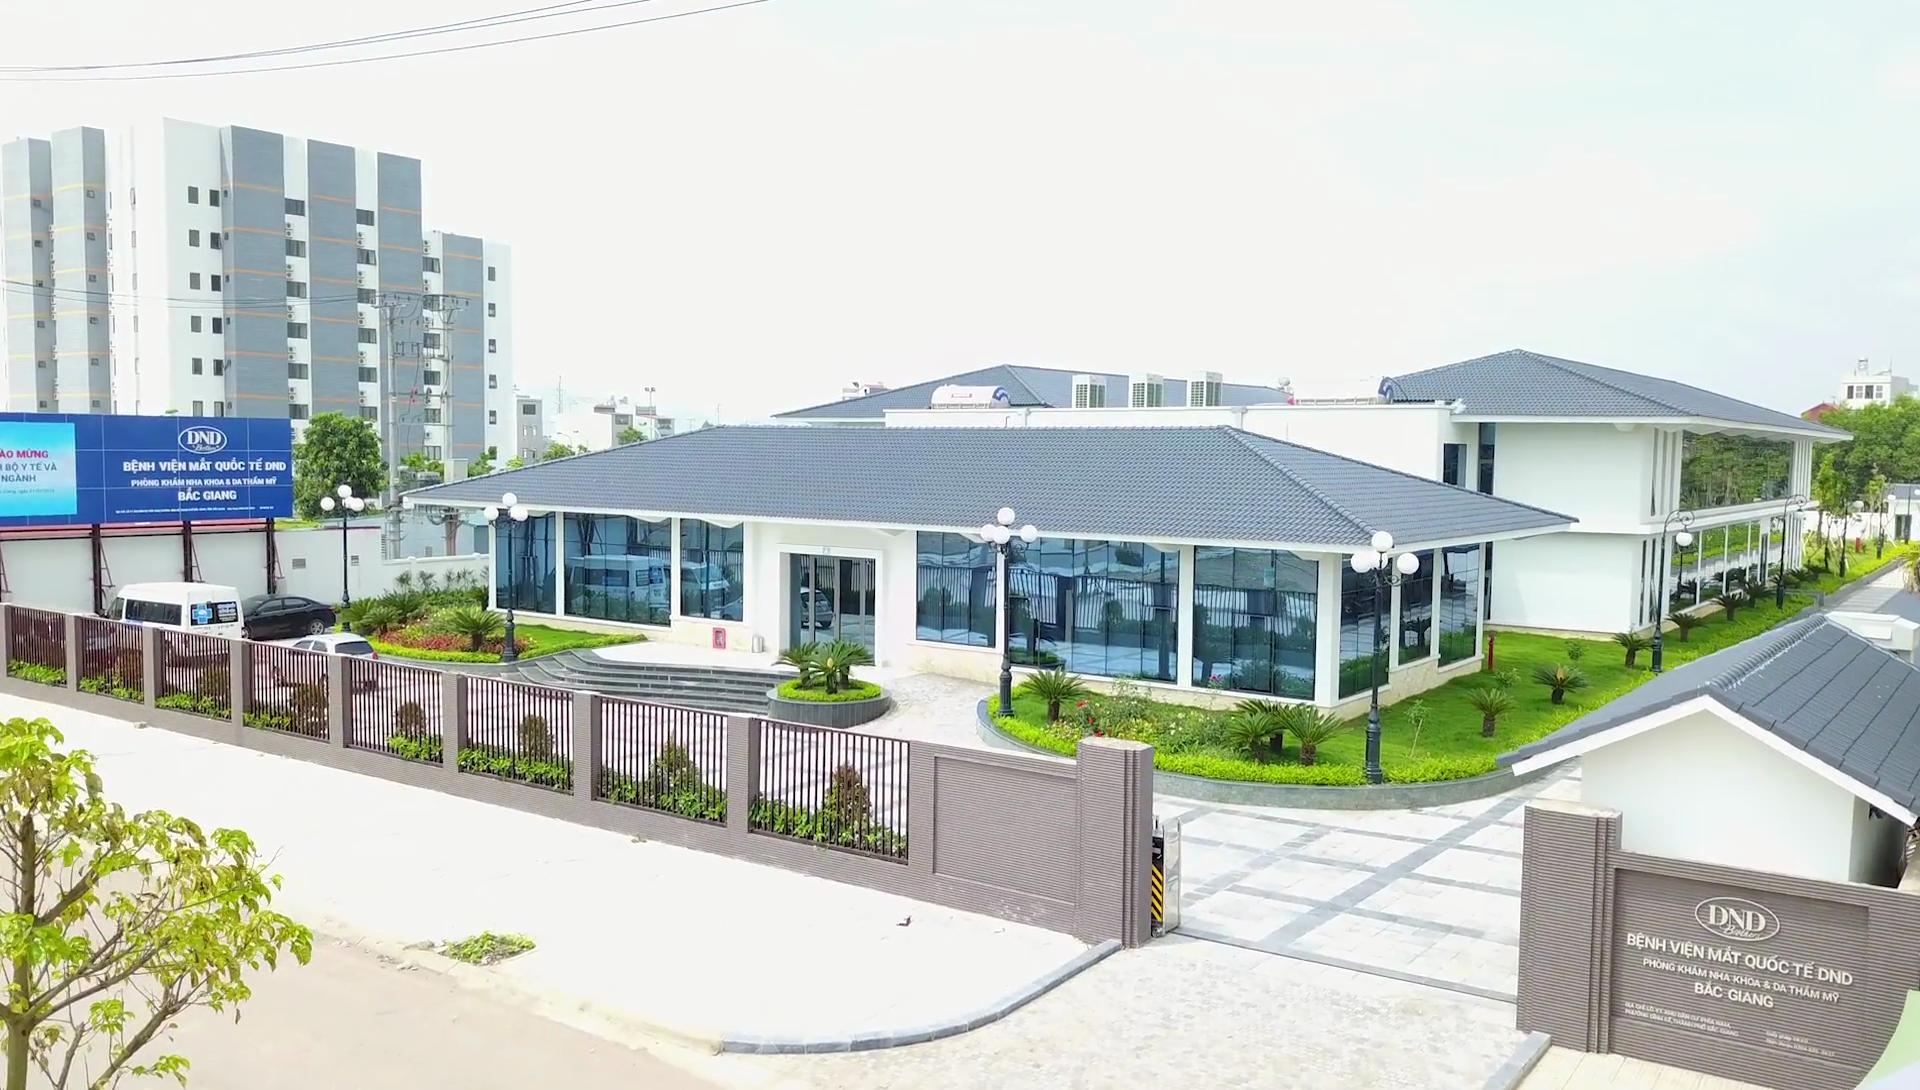 Bắc Giang có bệnh viện nghỉ dưỡng chất lượng quốc tế - Báo Người ...